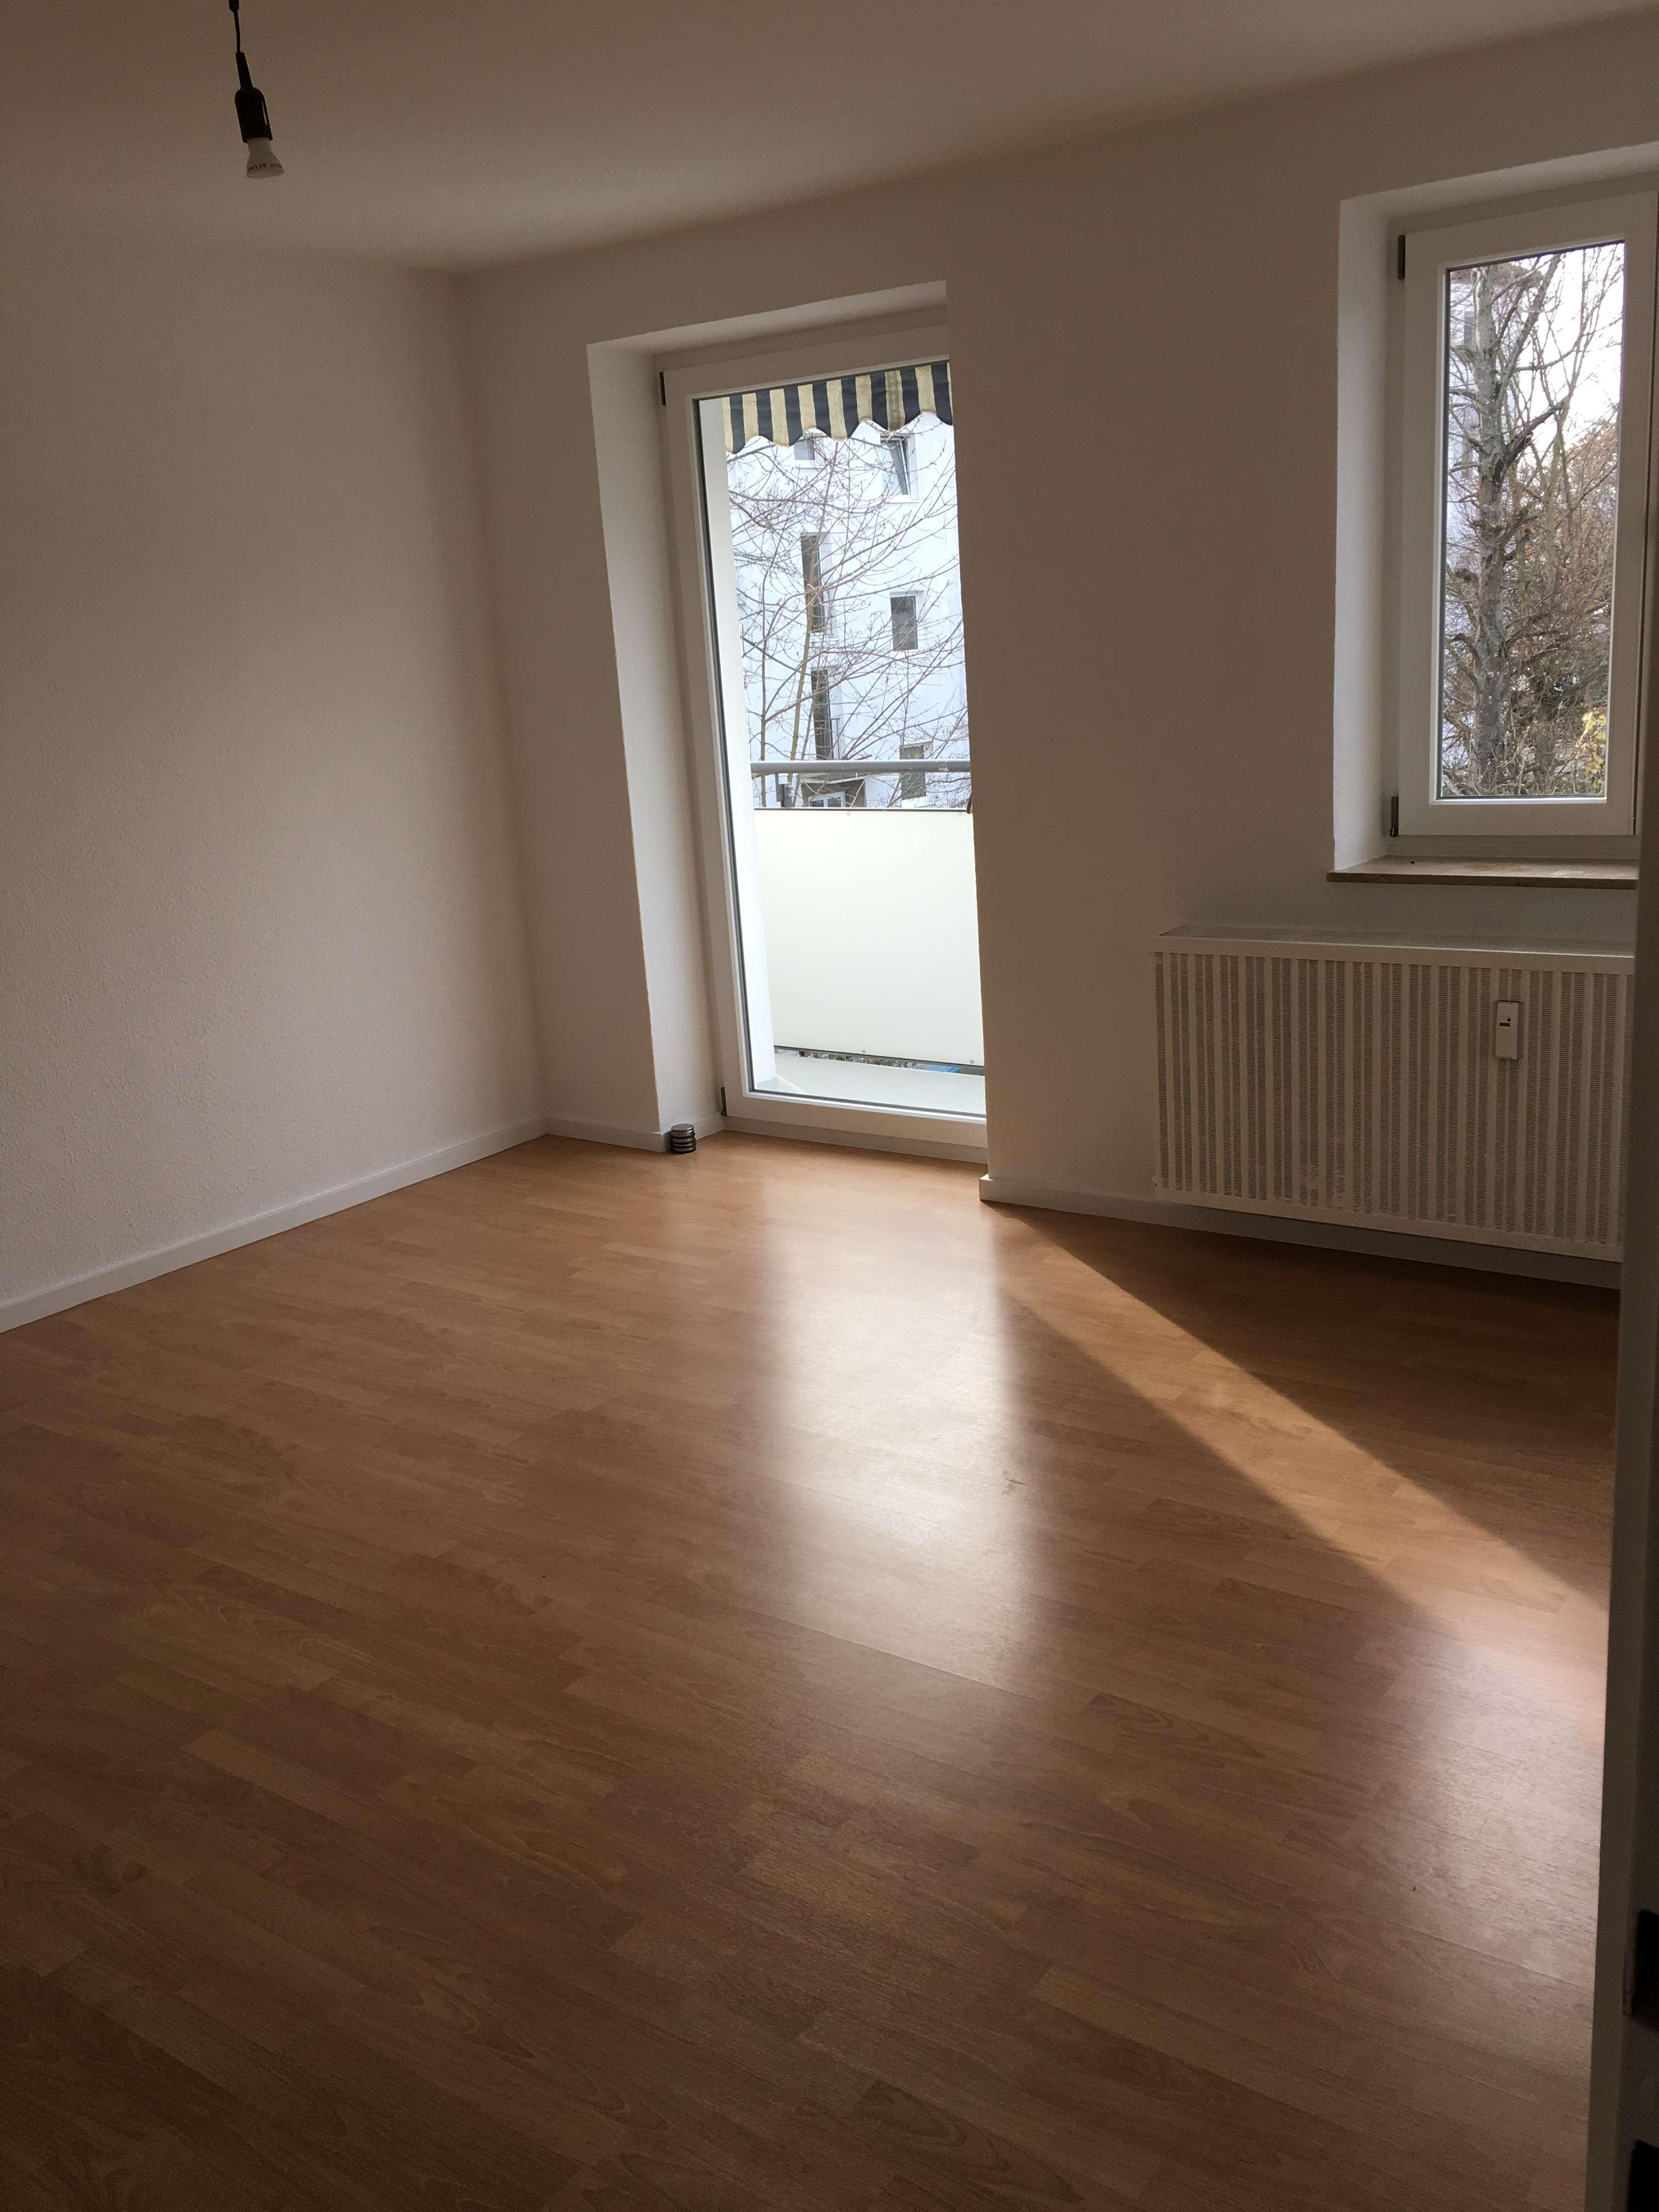 Top renovierte 3-Zimmer Wohnung in bester Wohnlage